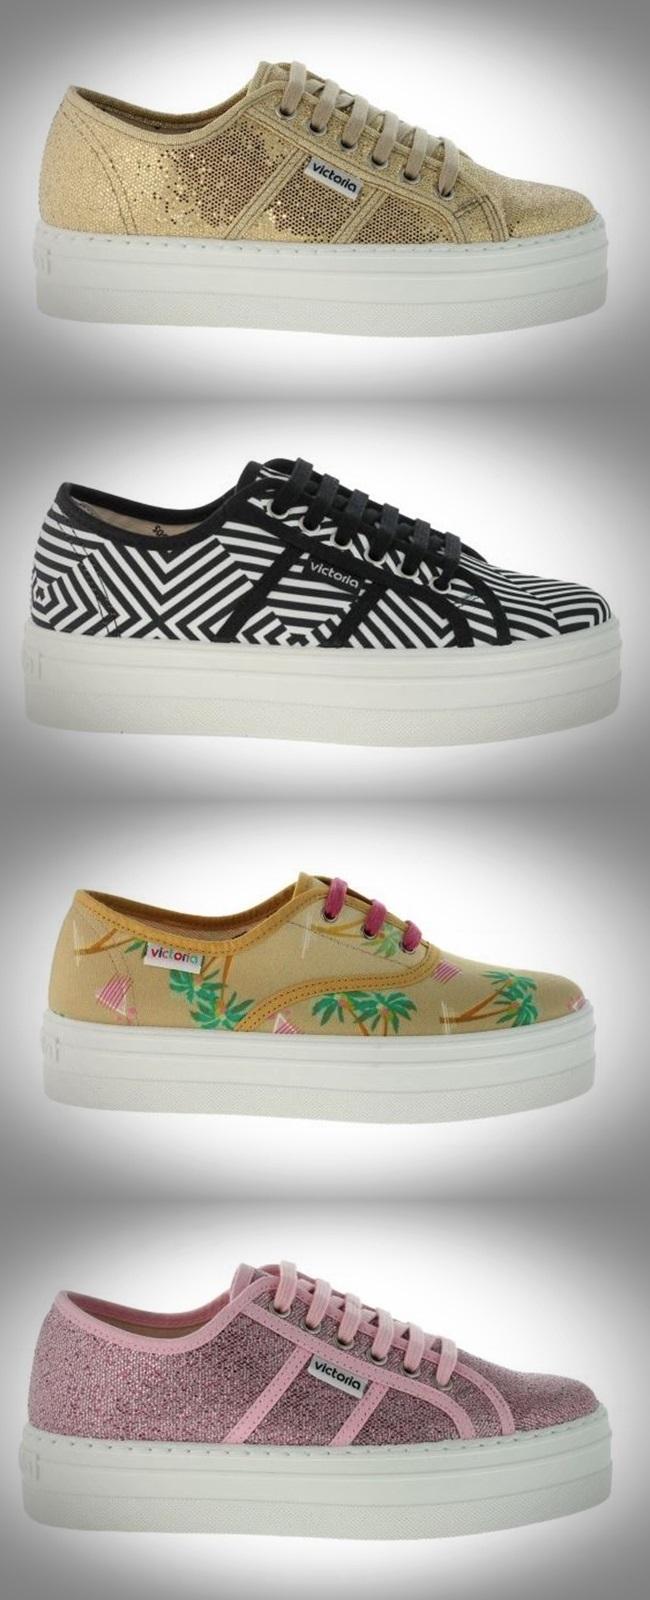 Cuidatuimagen, calzados Victoria, plataformas glitter dorado, Hawaianas, motivos geometricos